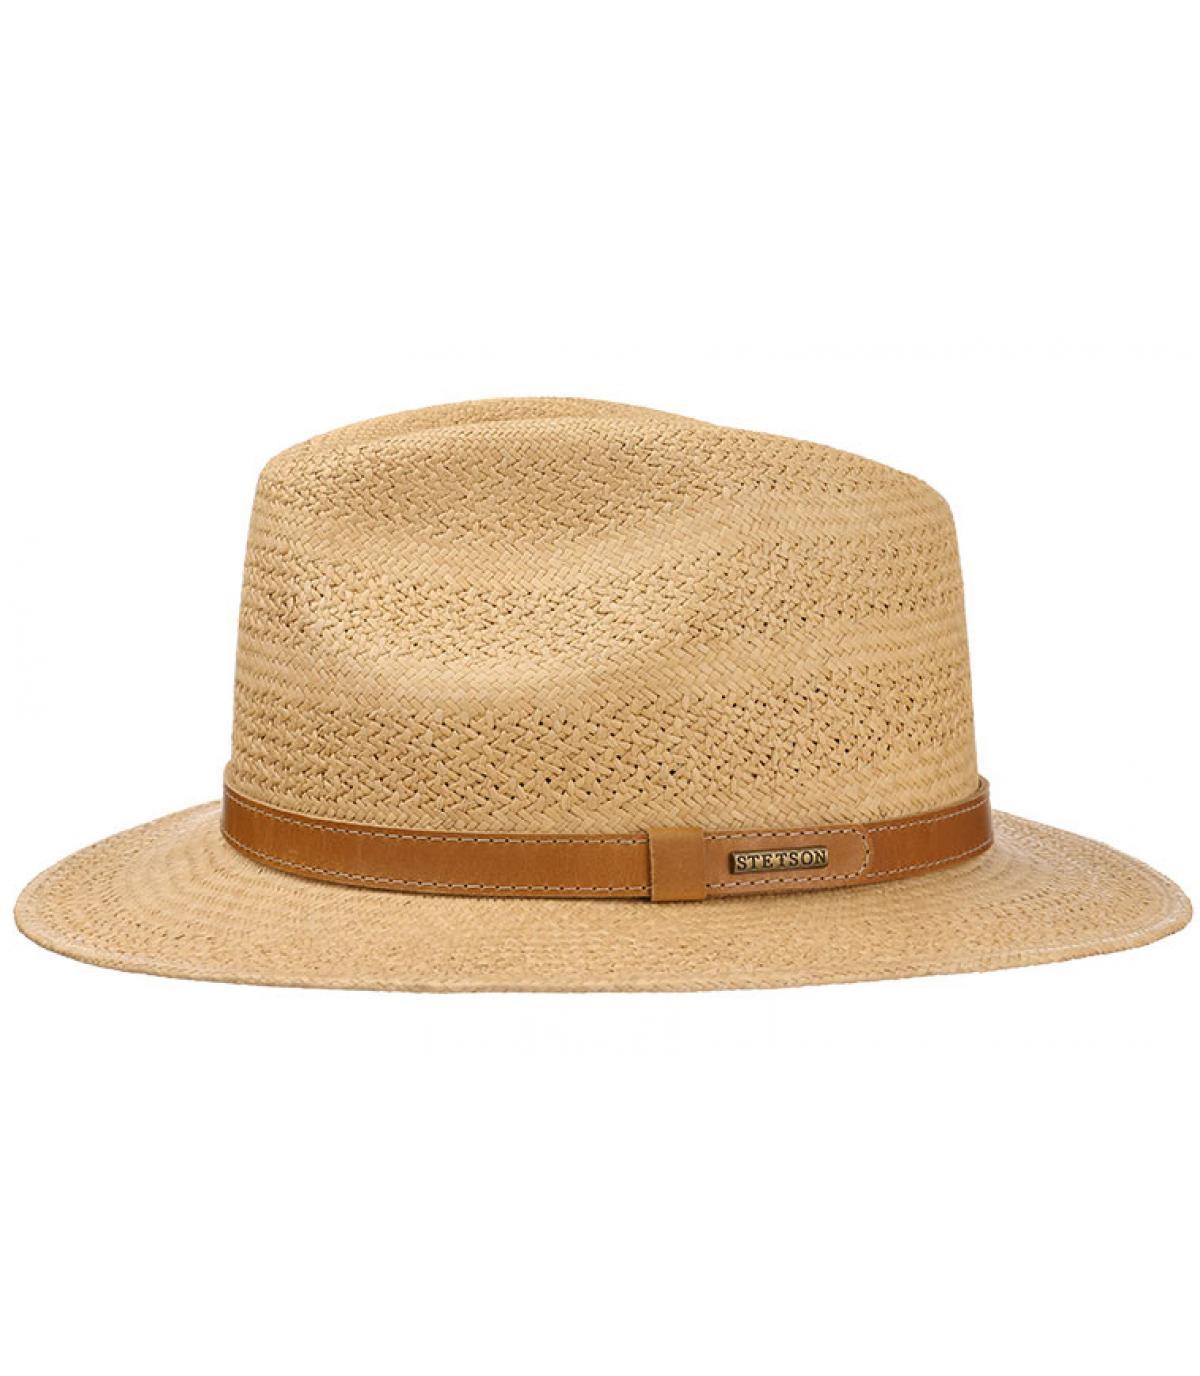 Panama hat- Online hats shop 8488bd15c03b